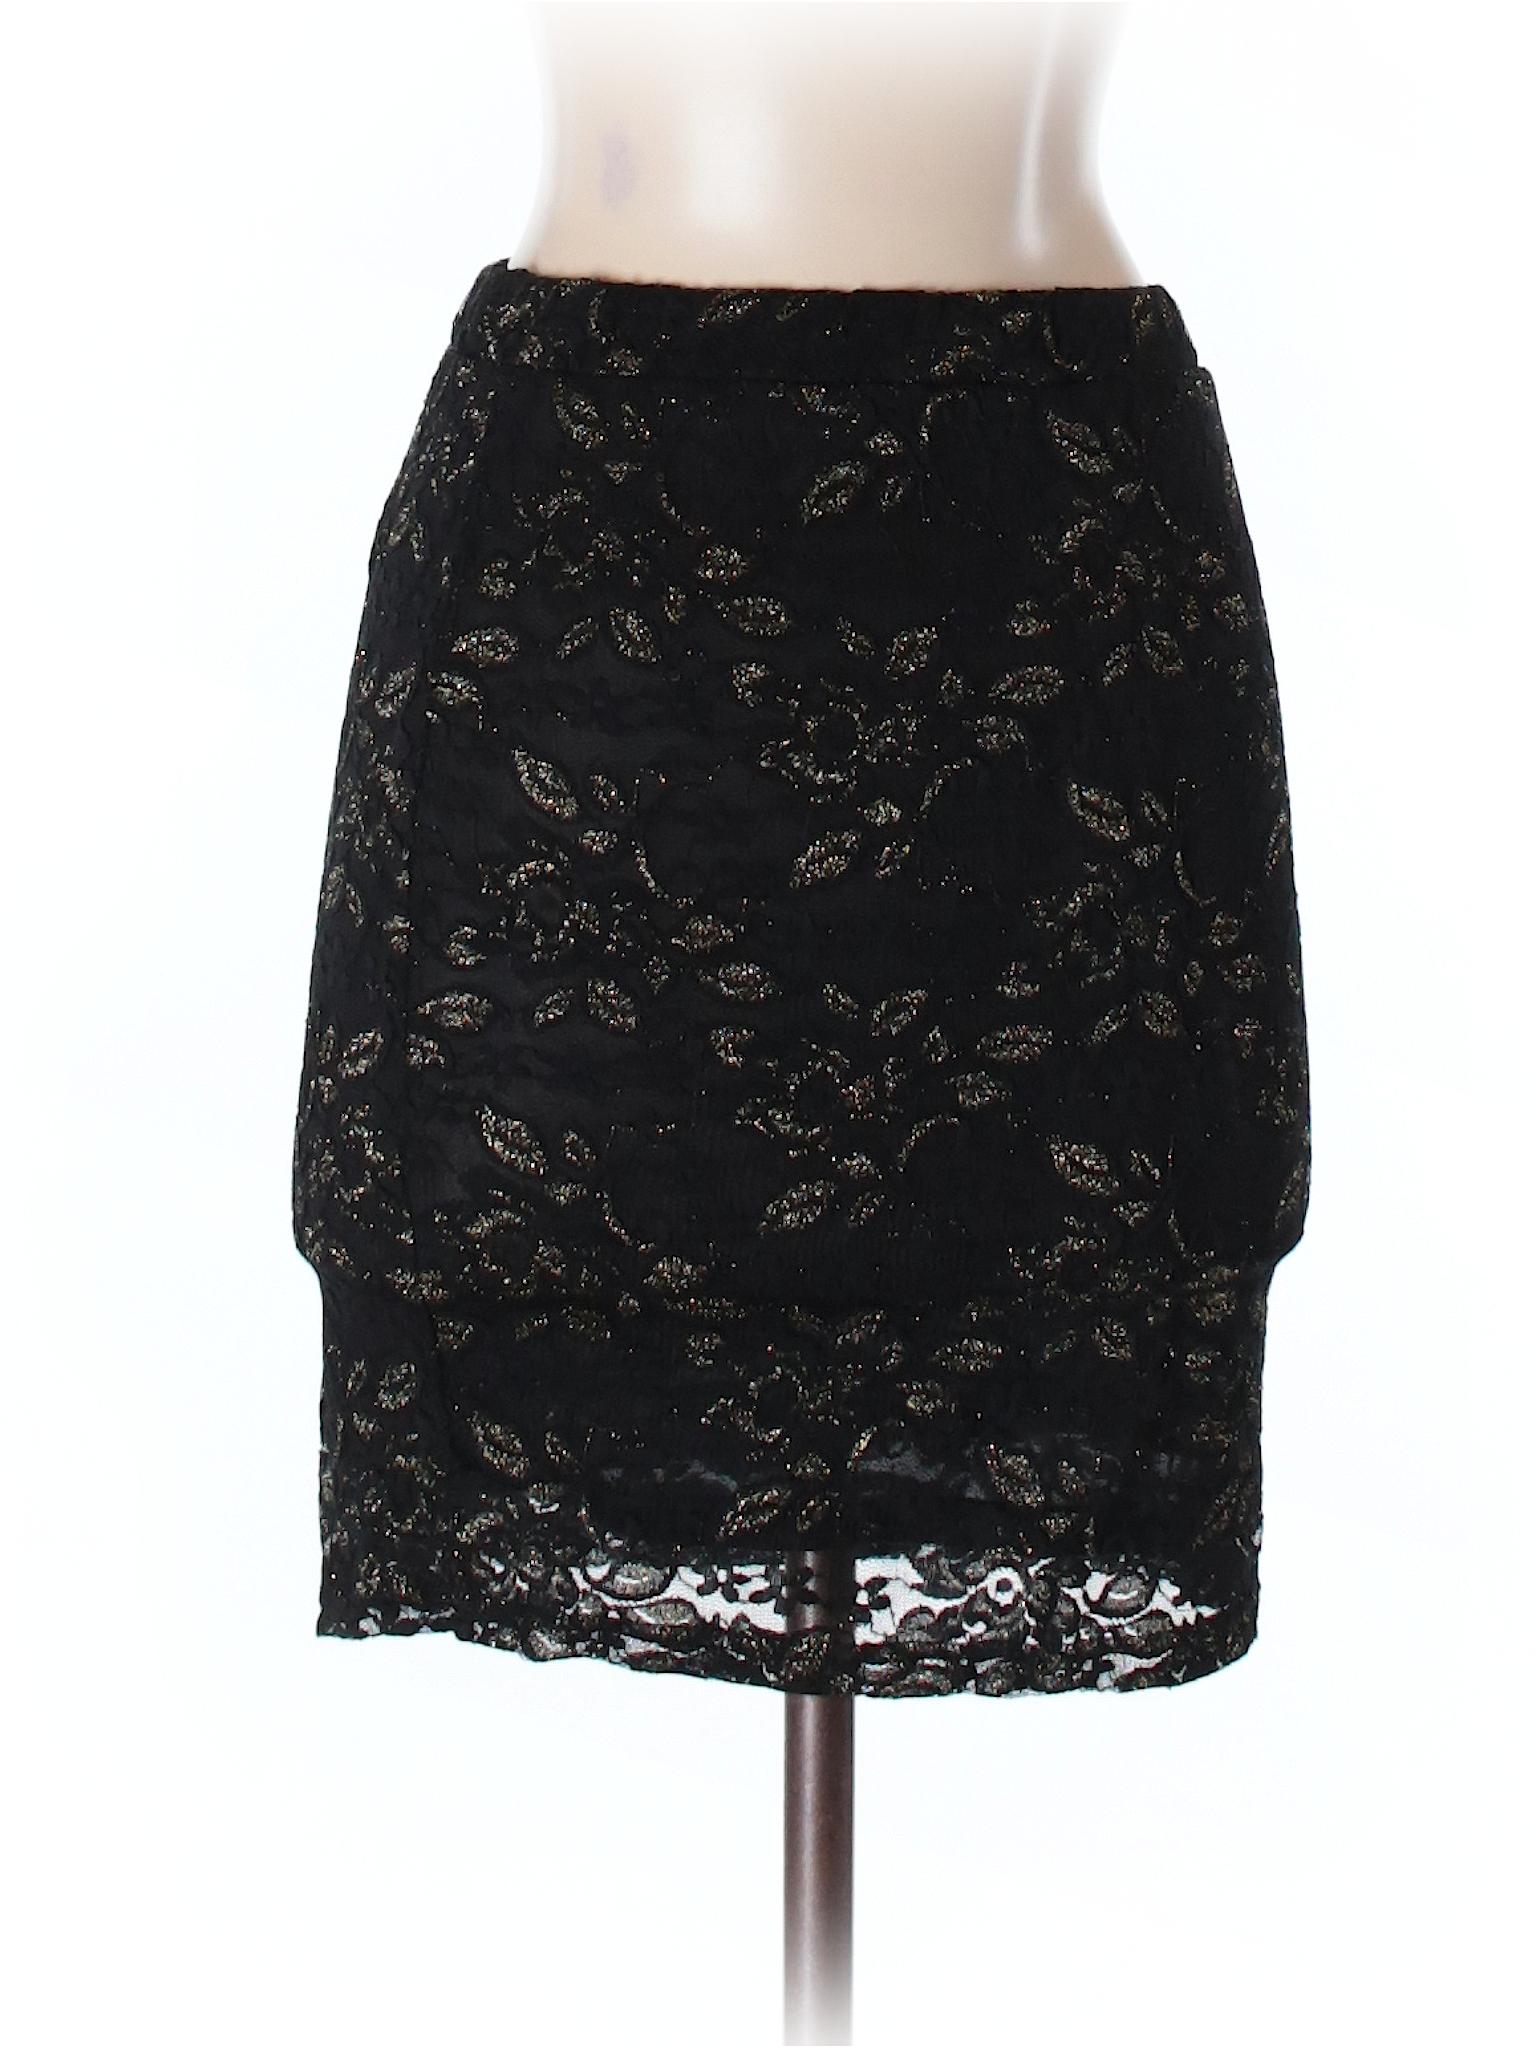 Boutique Skirt Skirt Boutique Boutique Casual Skirt Skirt Casual Boutique Casual Casual Boutique HAqXr7tHnx